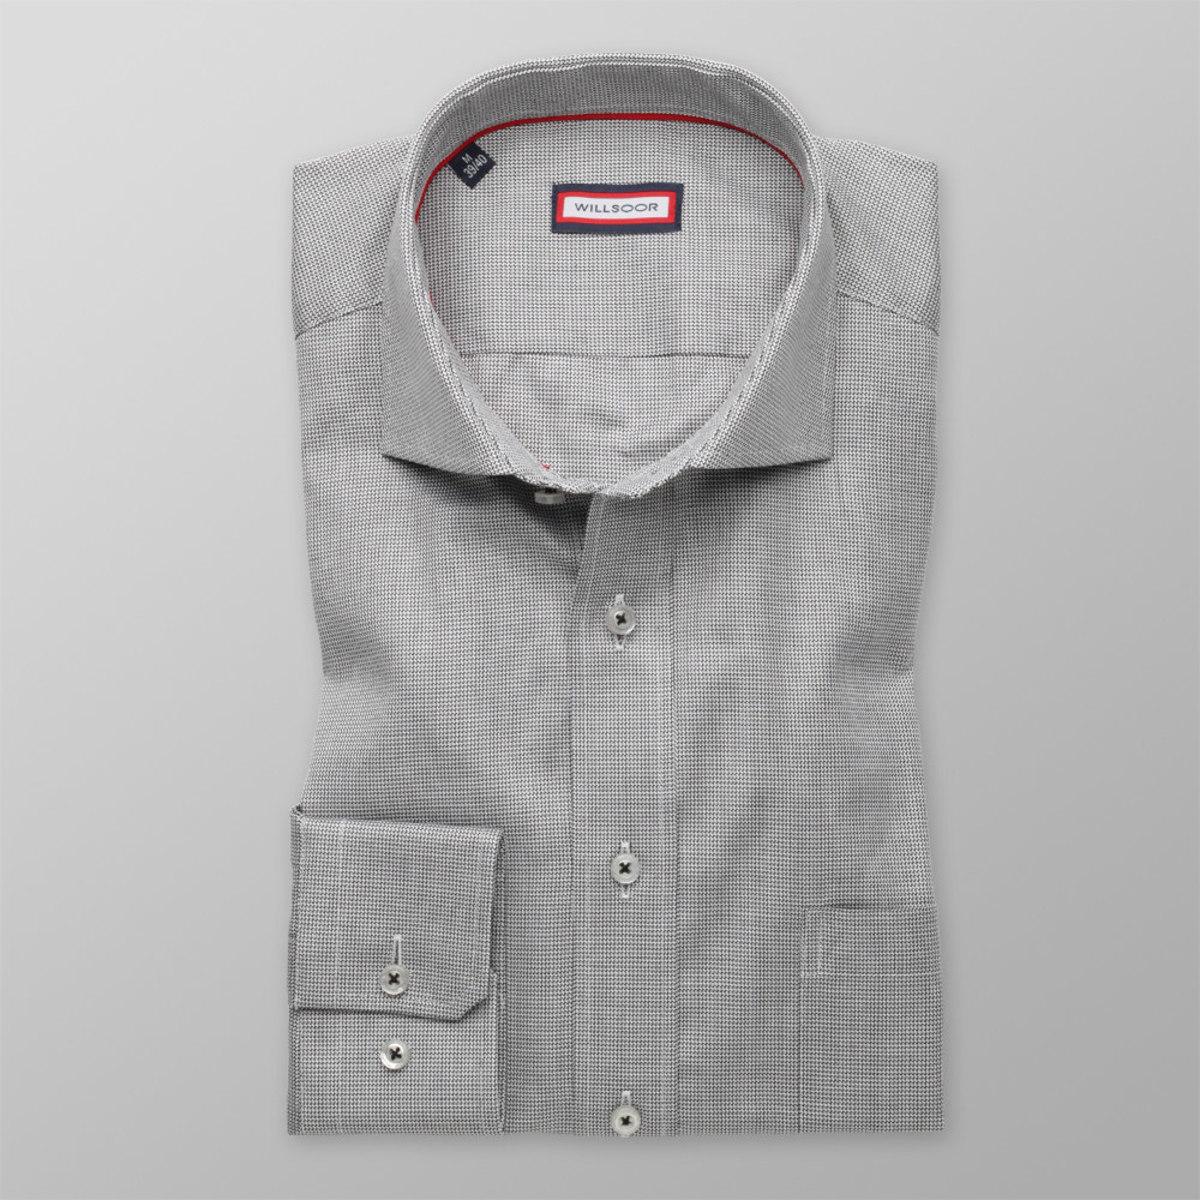 Pánska klasická košeľa (výška 176-182) 8631 v šedé farbe s mikro vzorom 176-182 / L (41/42)